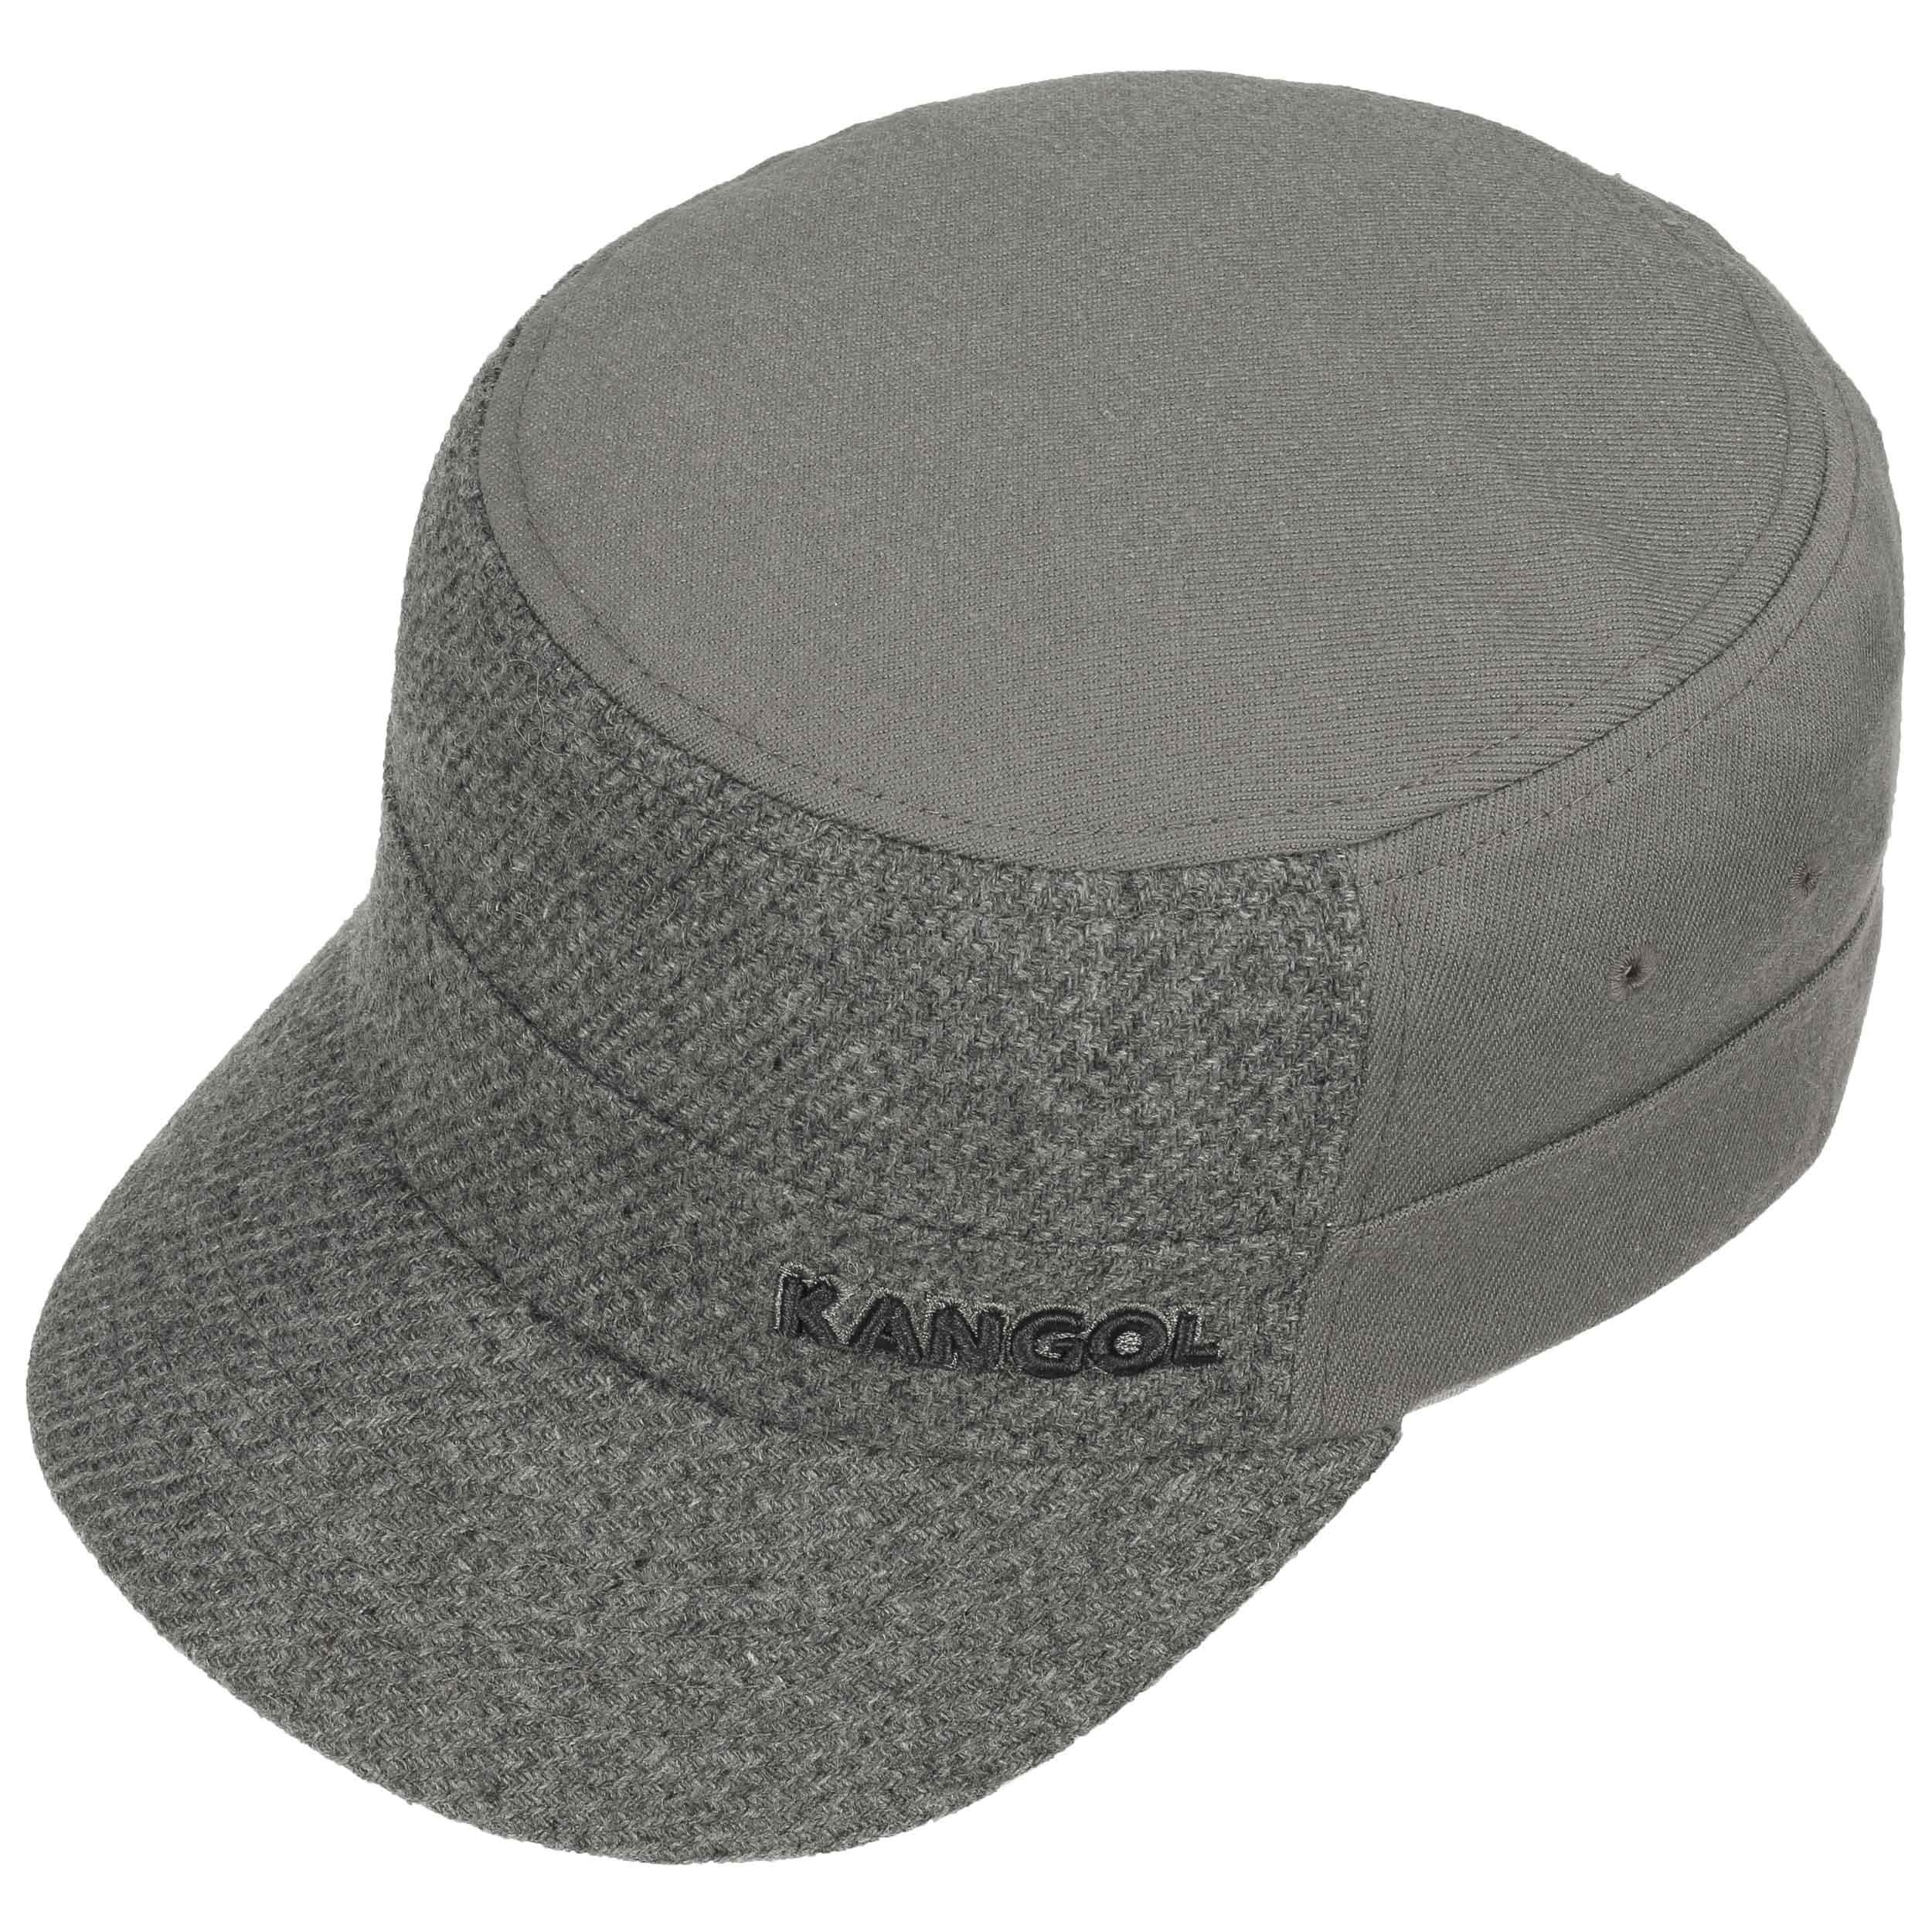 471d313f6 Textured Flexfit Army Cap by Kangol